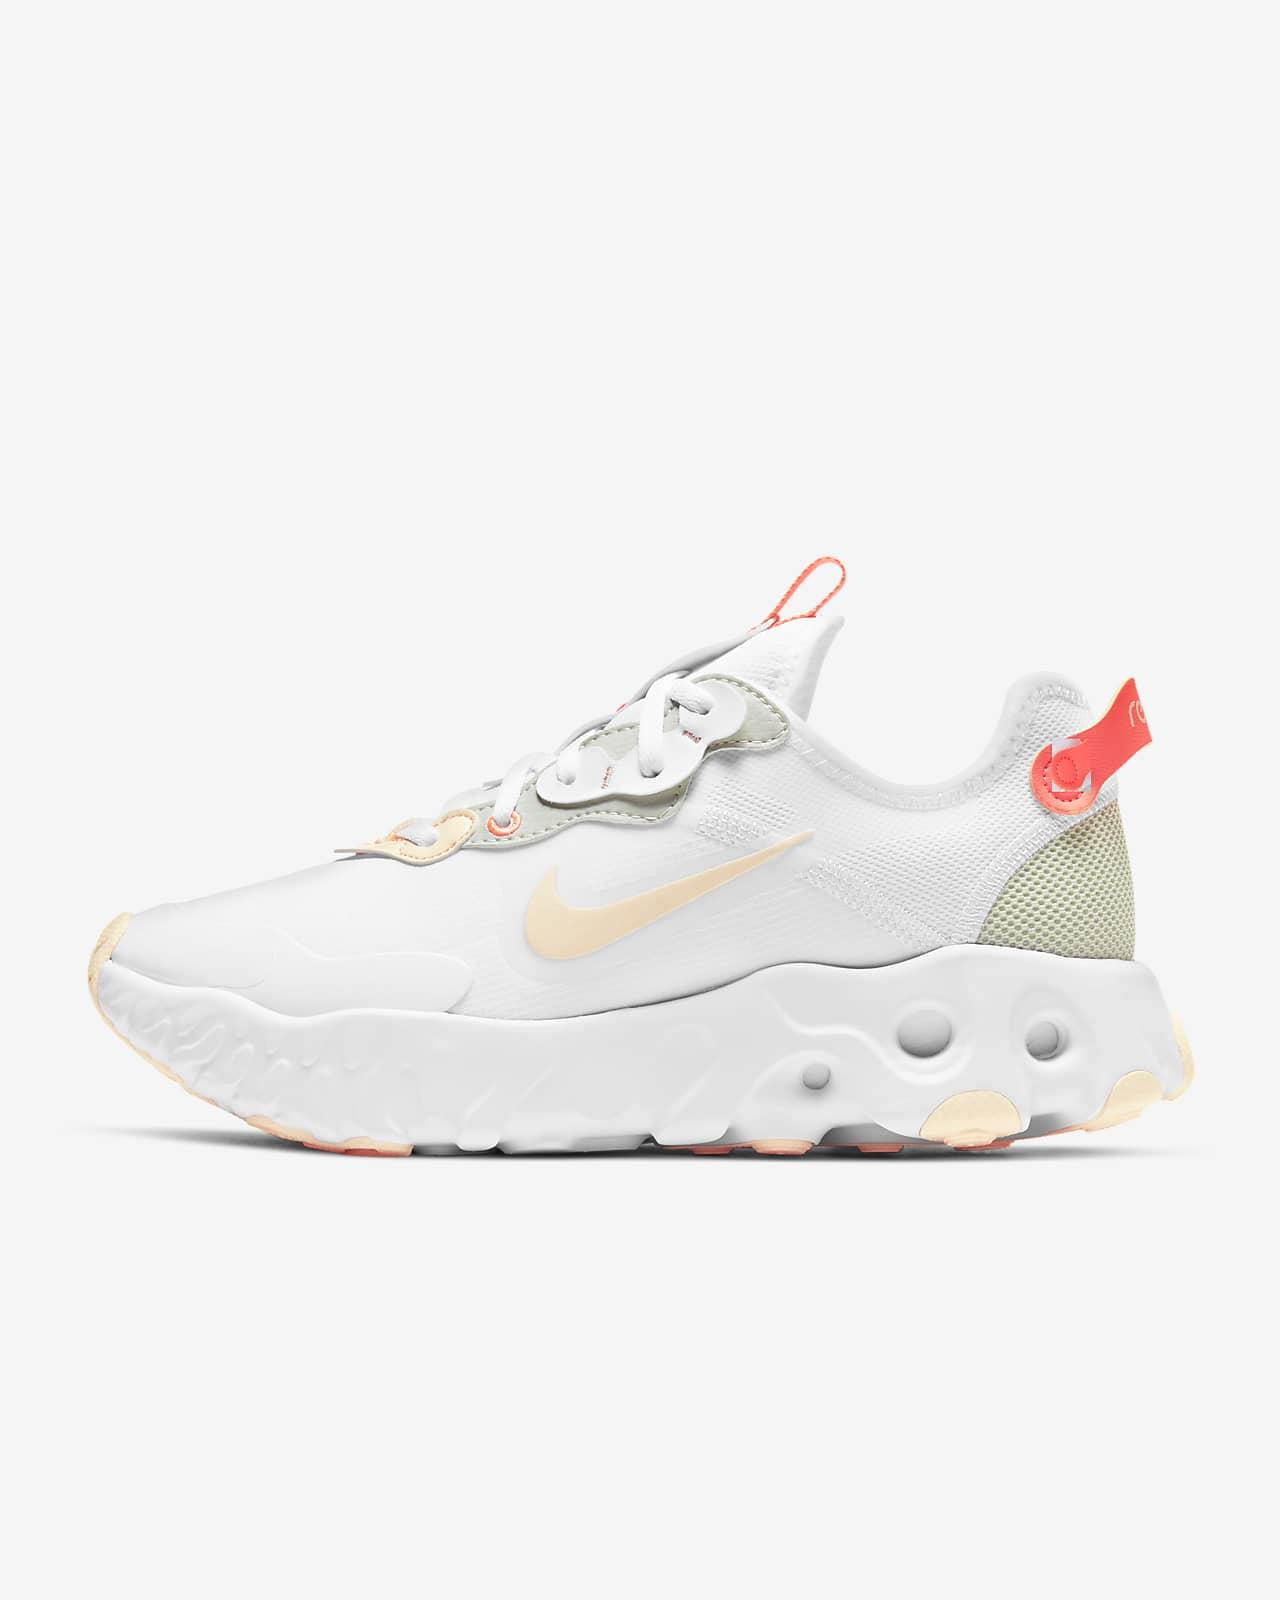 Γυναικείο παπούτσι Nike React ART3MIS